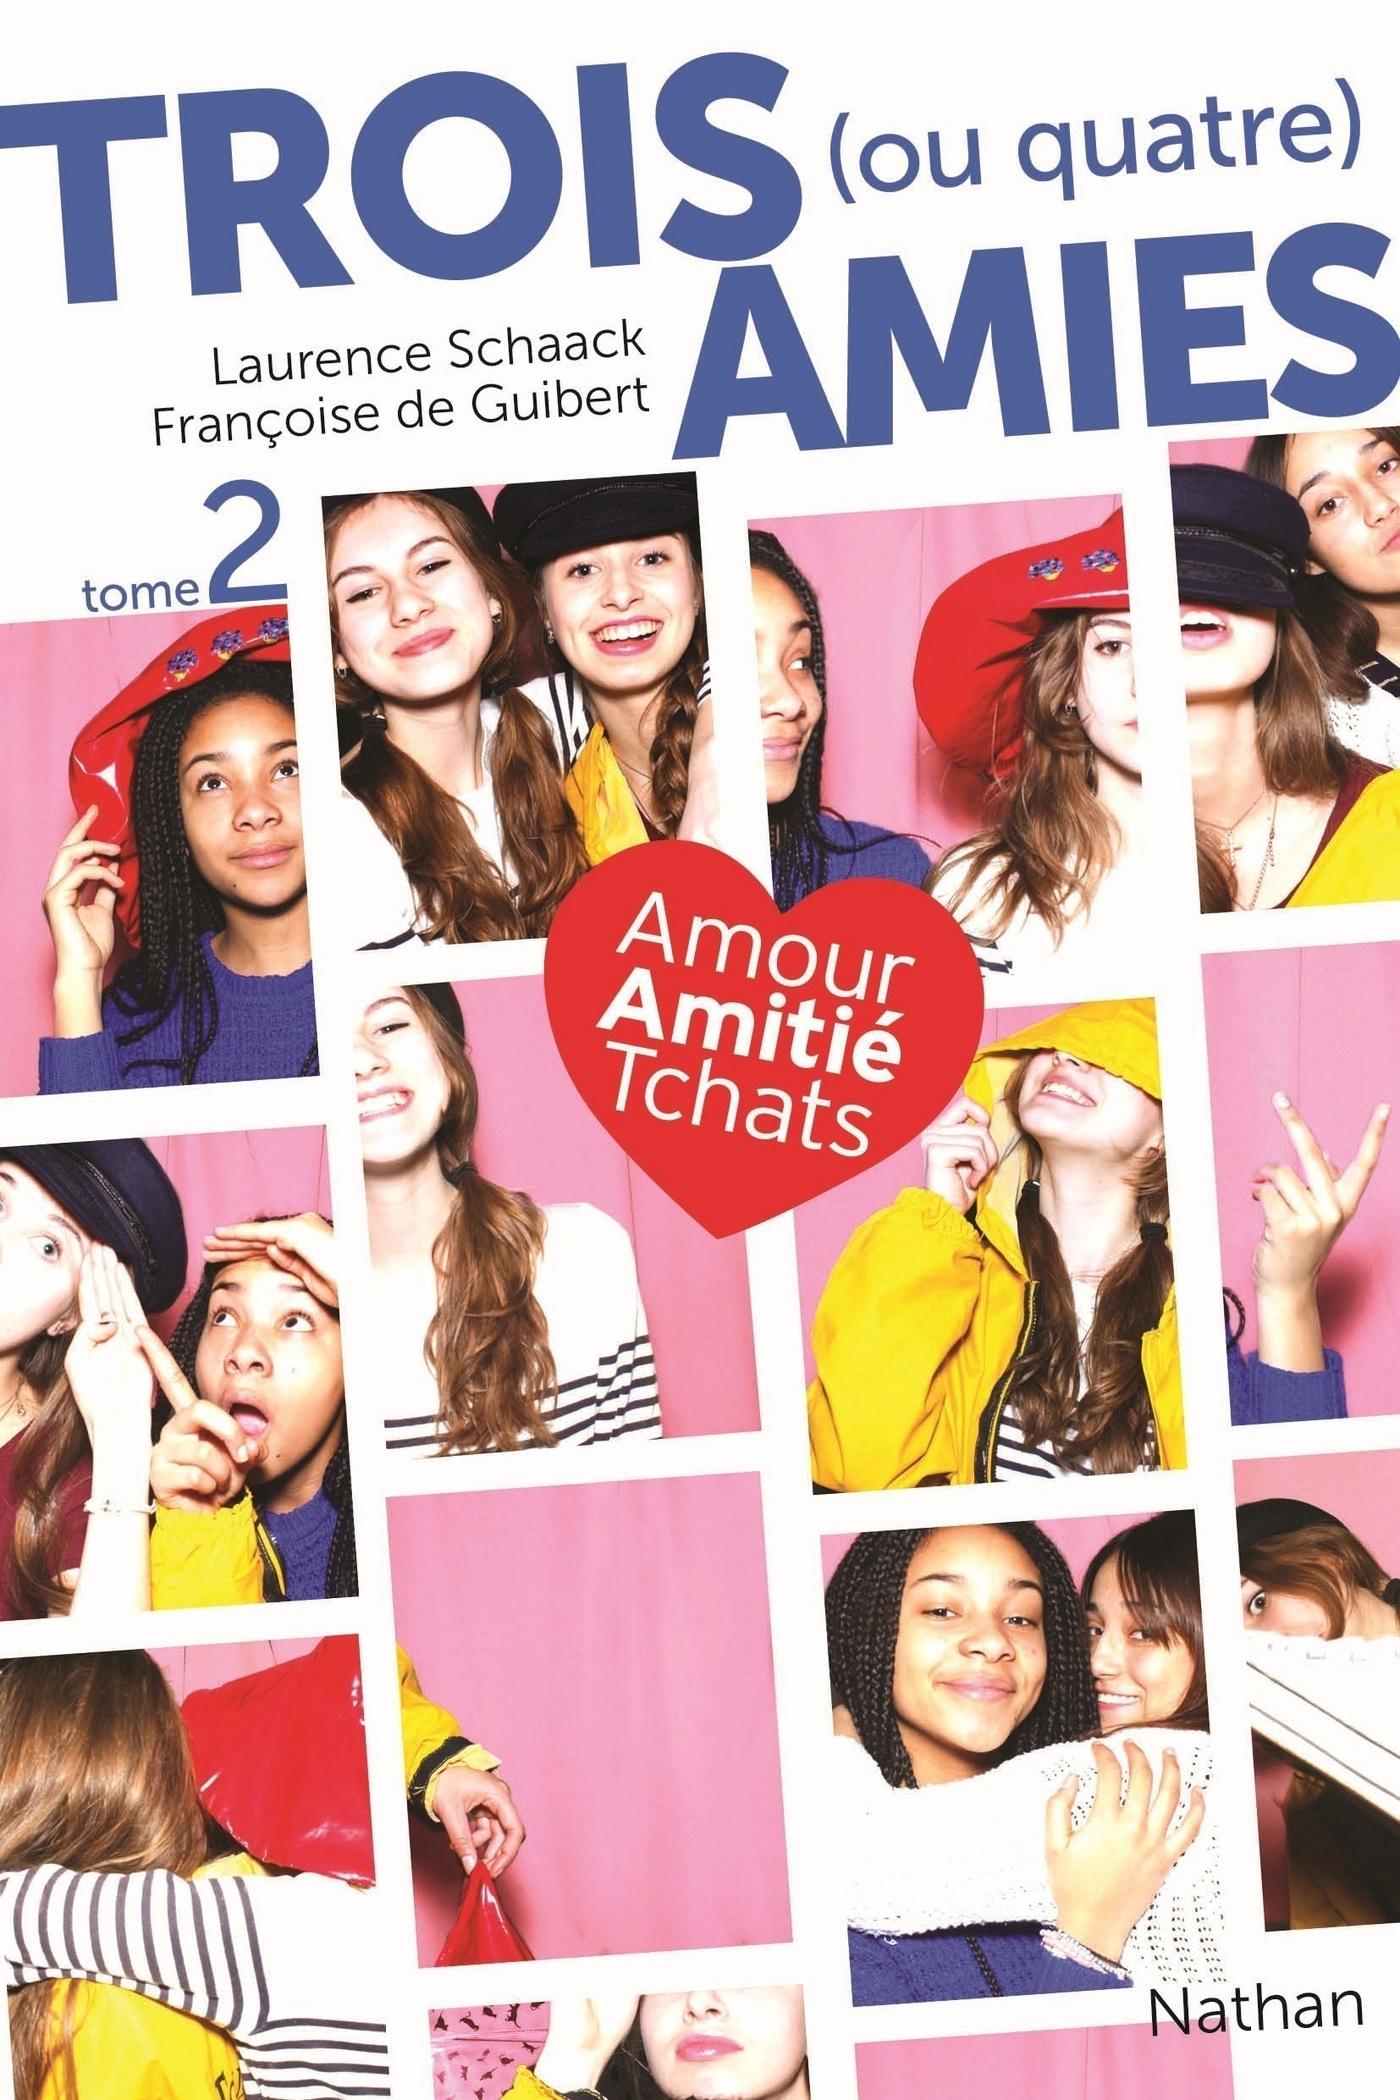 Trois (ou quatre) amies - Tome 2 (ebook)